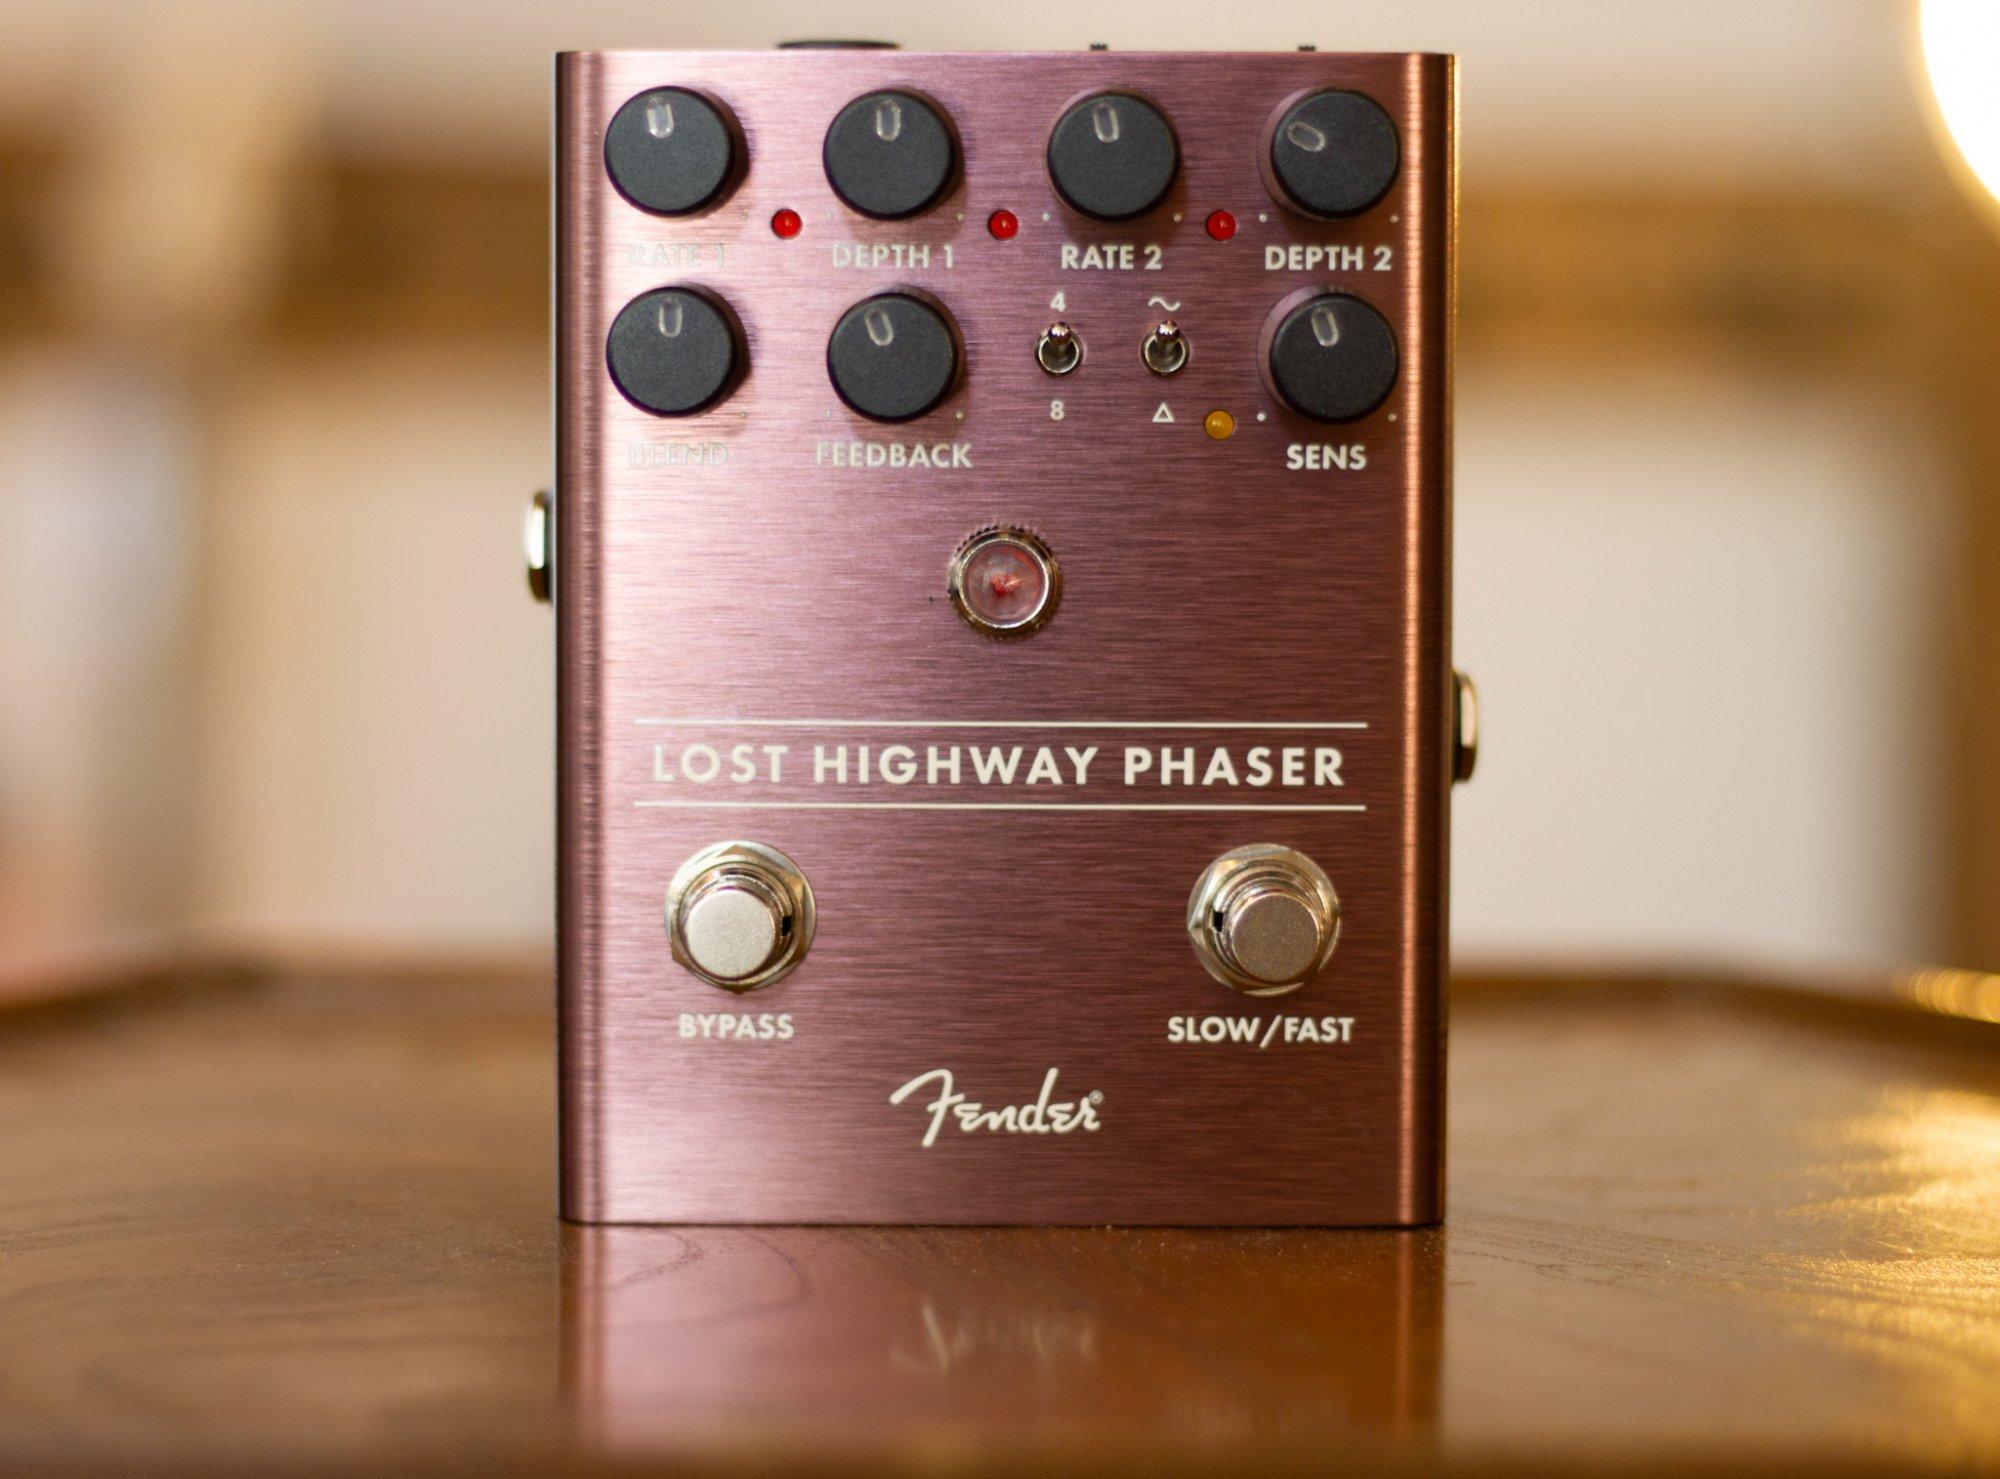 Fender Lost Highway phaser Pedal